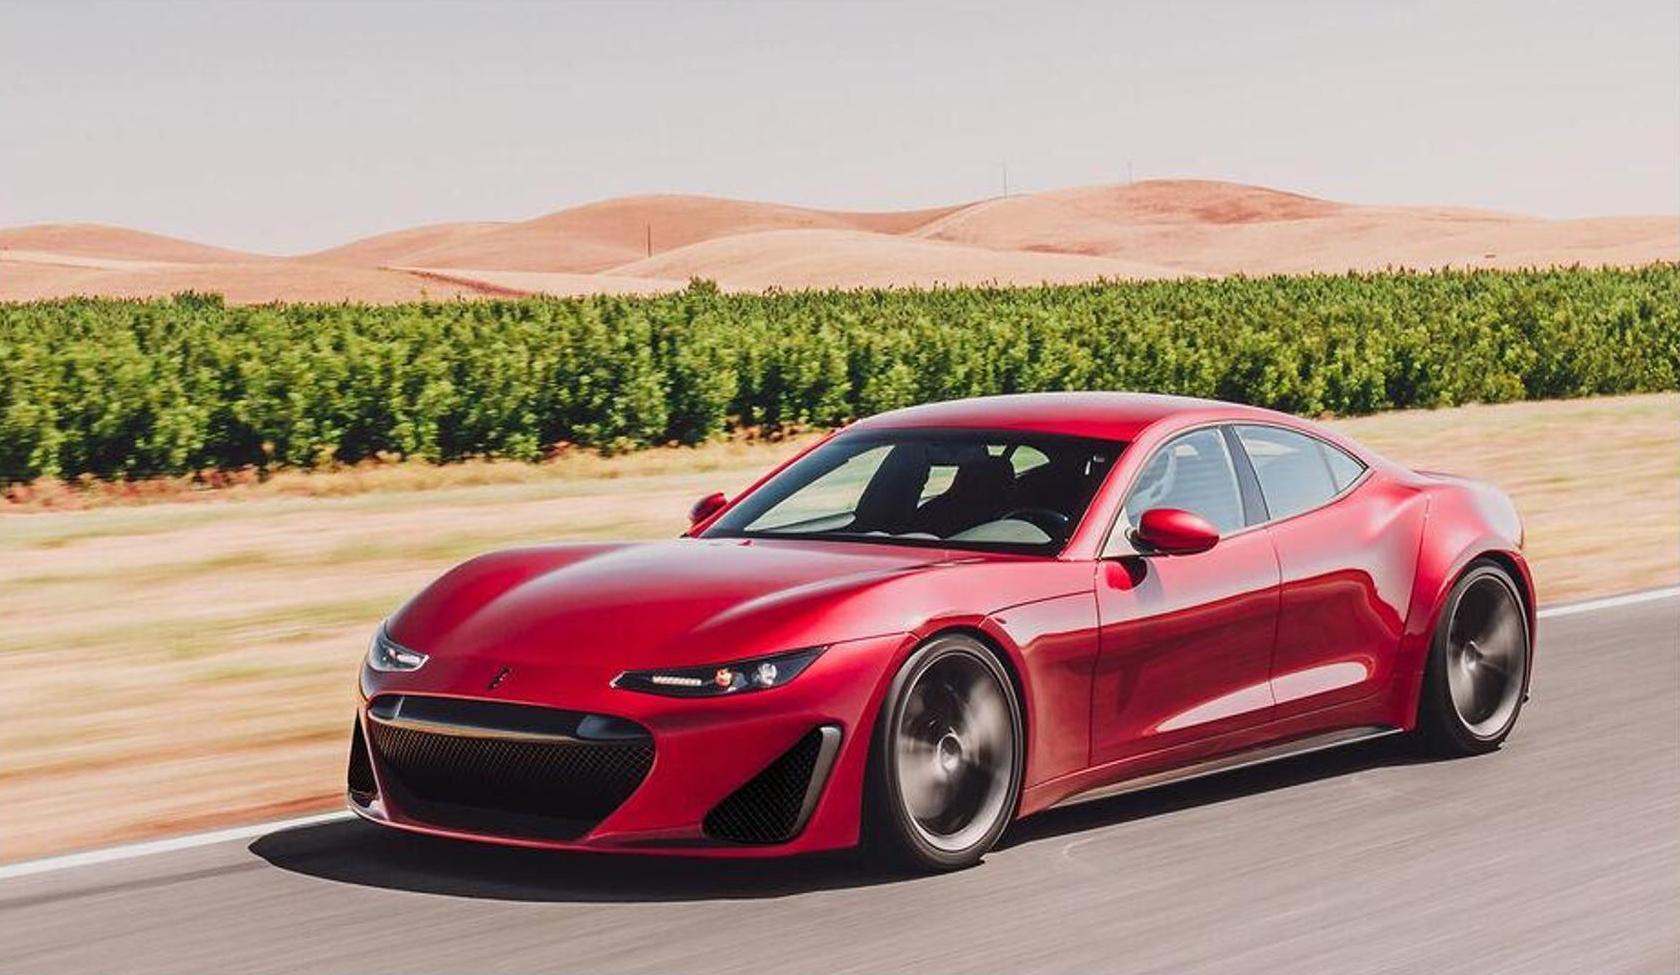 Drako GTE. Comparée aux autres supercars, la Drako GTE a un intérieur presque docile : 1200 ch (883 kW), pour atteindre 100 km/h en moins de trois secondes et une vitesse de pointe de 332 km/h. Drako Motors